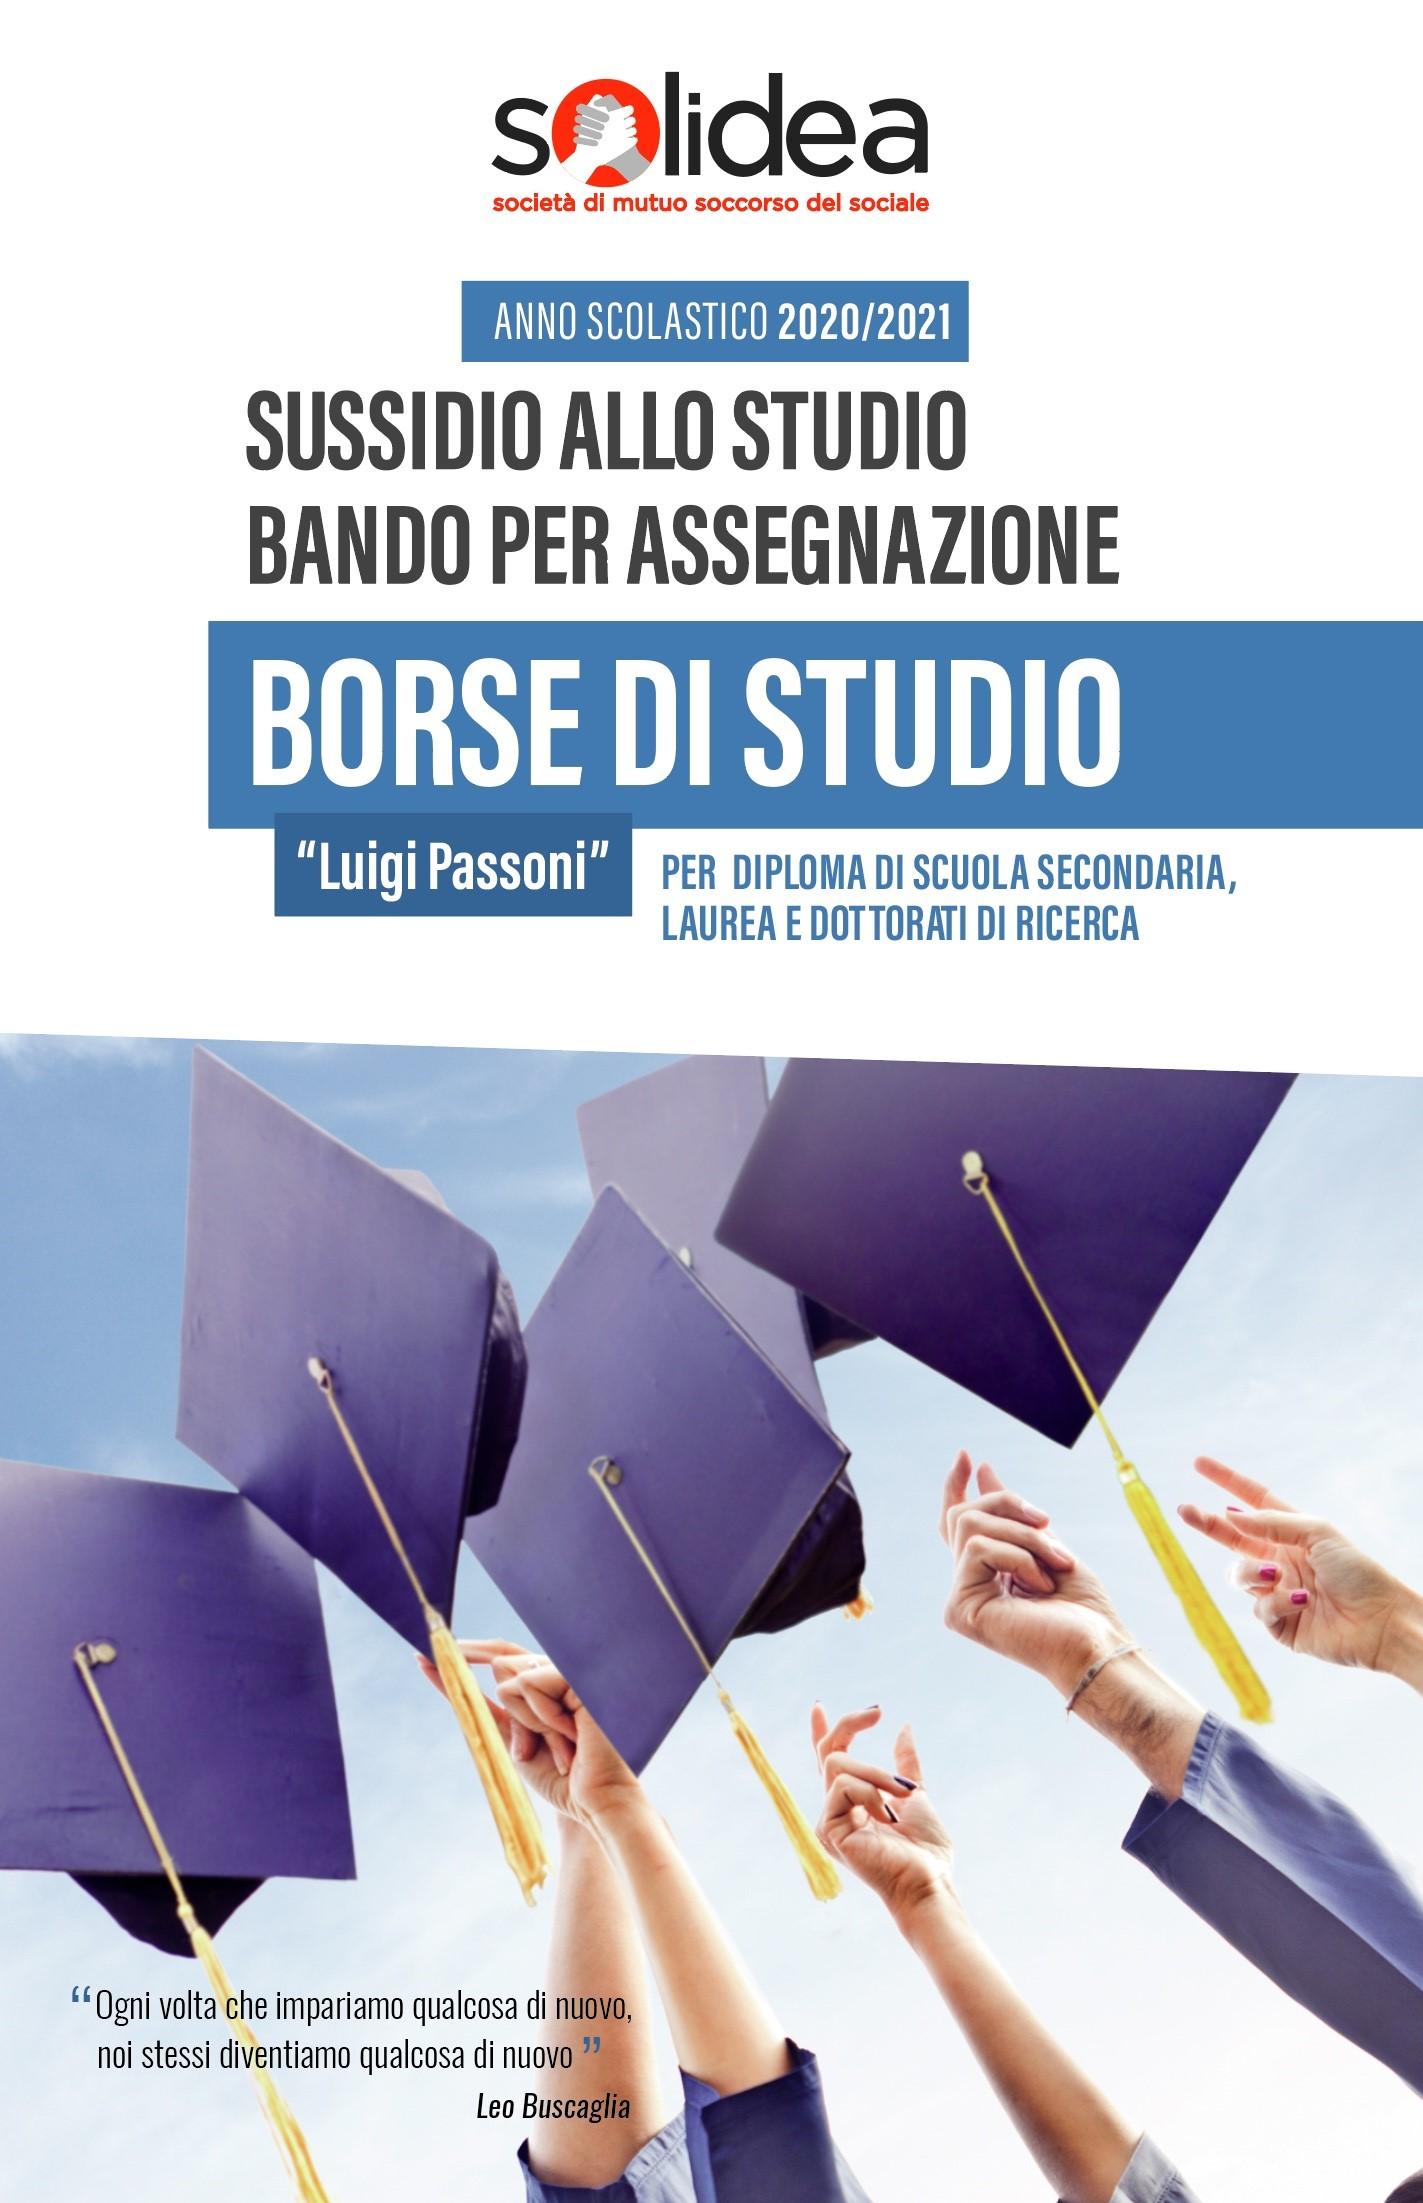 BORSE DI STUDIO SOLIDEA – SUSSIDI ALLO STUDIO –  ANNO SCOLASTICO 2020/2021